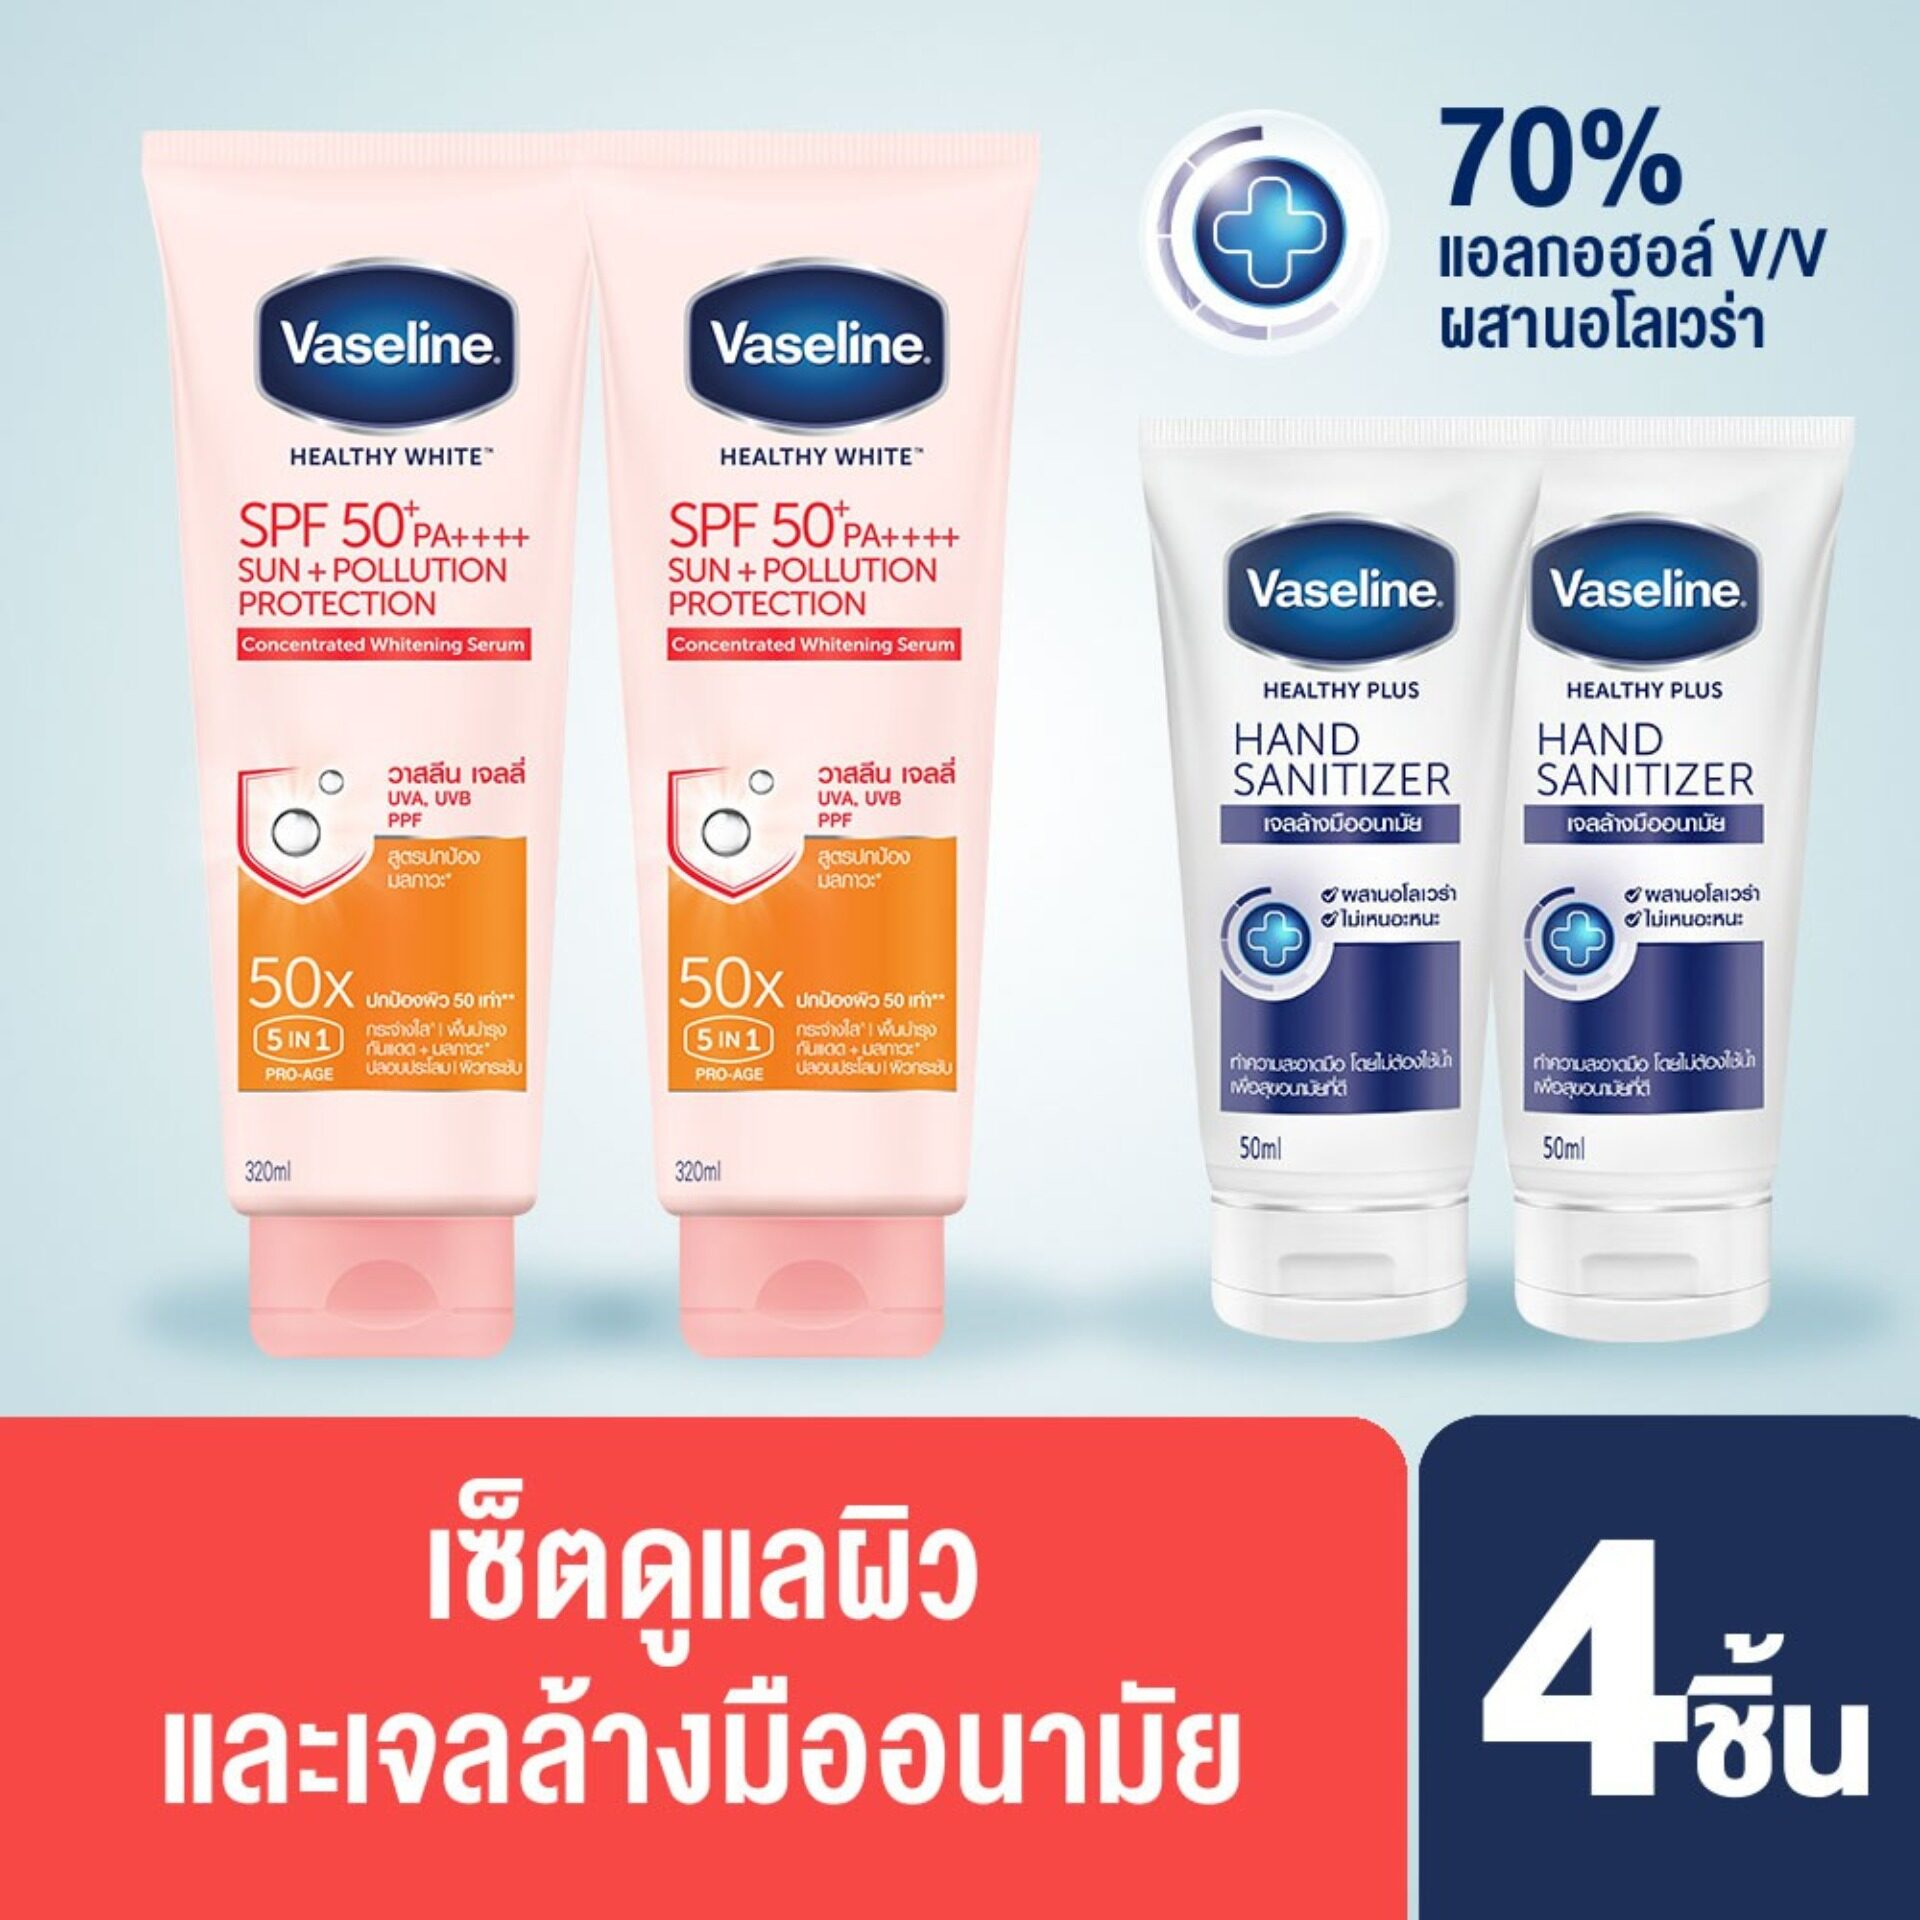 เซ็ตวาสลีน SPF 50 PA+++ ดูแลผิว (320ml) และเจลล้างมืออนามัย แอลกอฮอลล์ 70% (50ml)